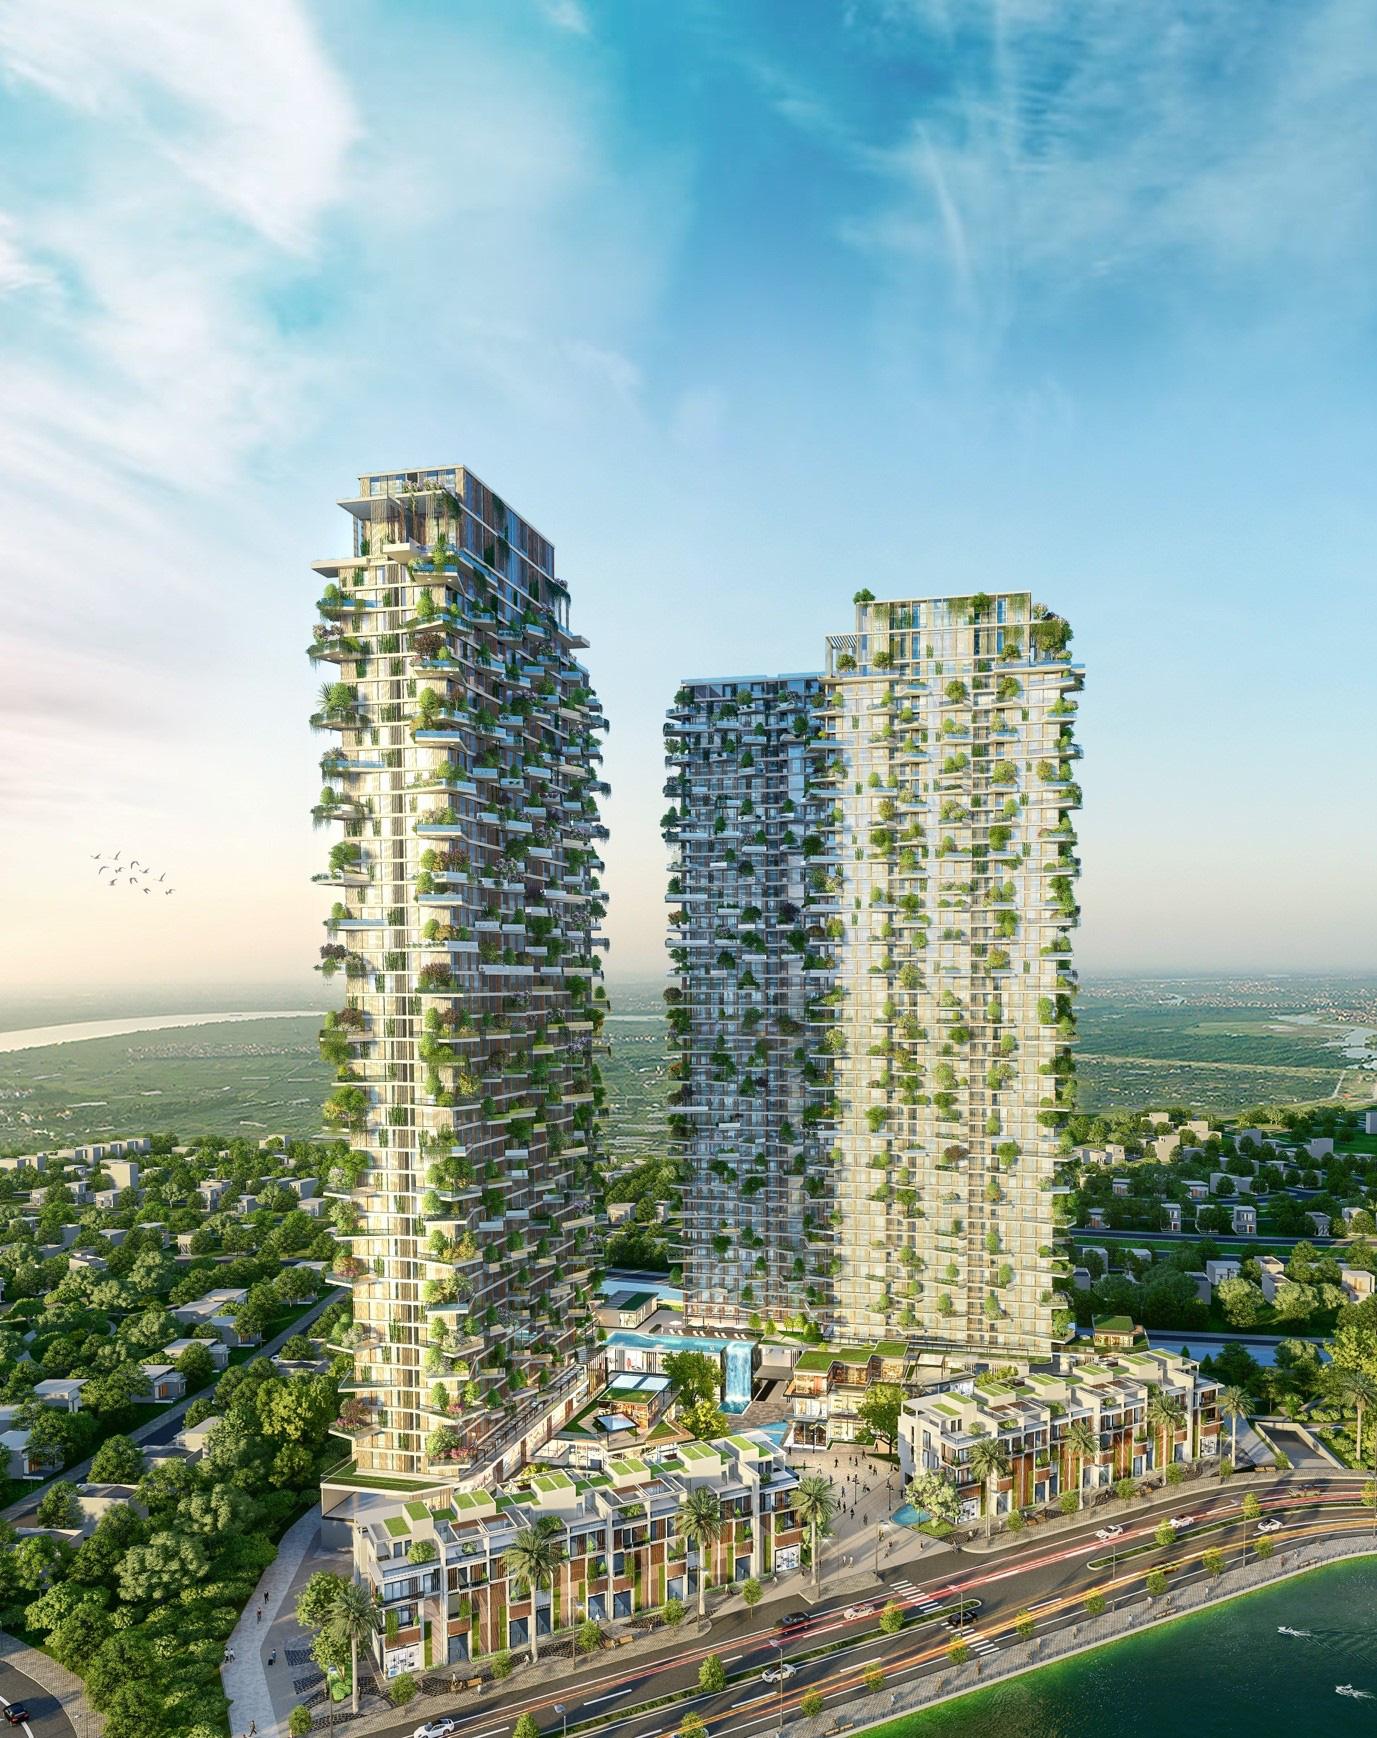 Tạp chí danh tiếng của Mỹ dành vị trí nối bật trang chủ viết về tòa tháp xanh cao nhất của Việt Nam - Ảnh 4.